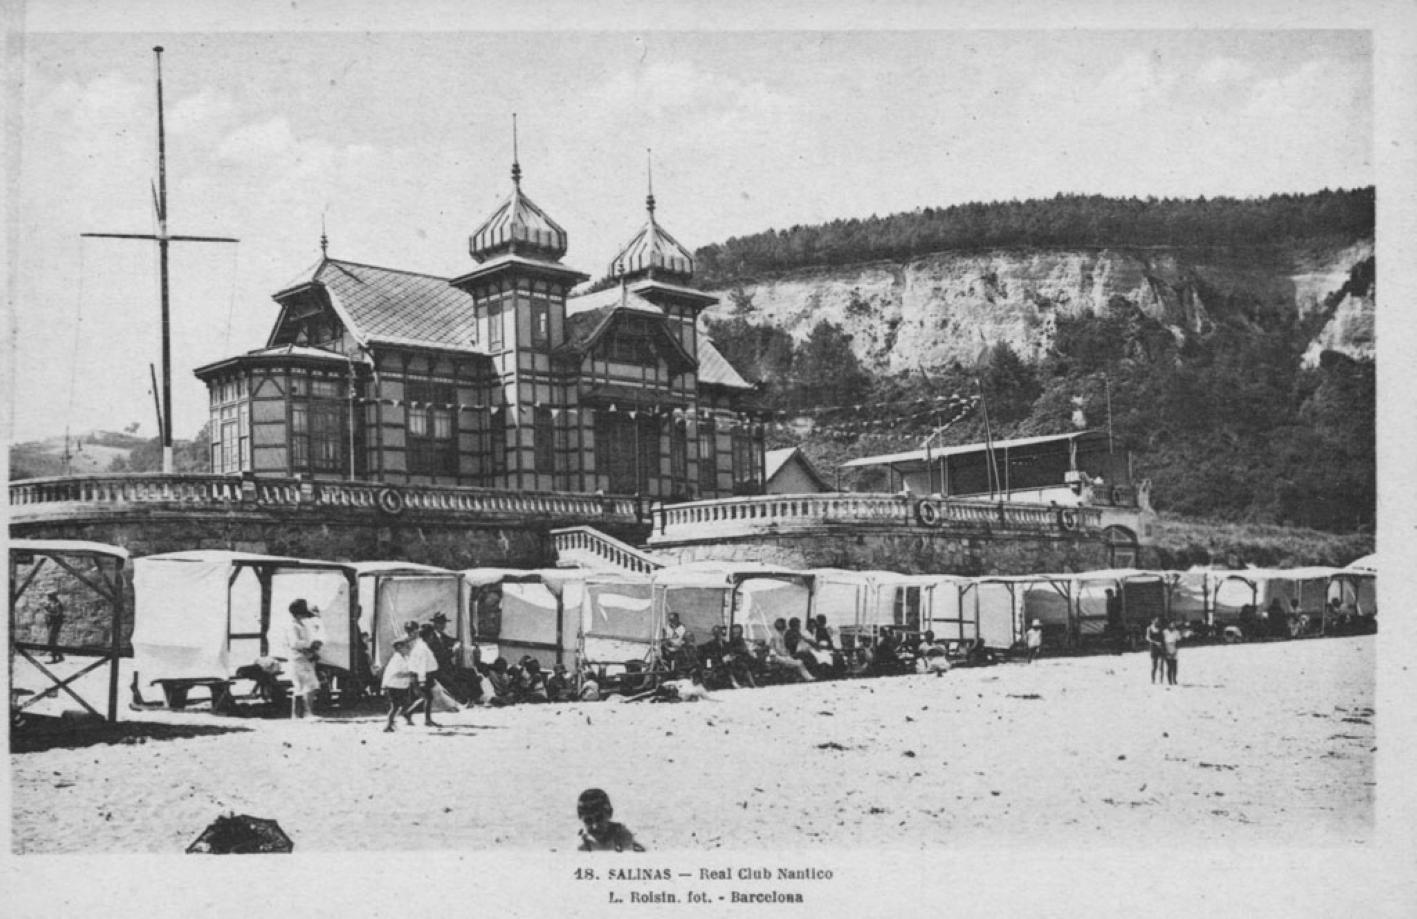 Real club n utico de salinas hacia 1920 lucien roisin pinterest fotos antiguas playa y - Hotel salinas asturias ...